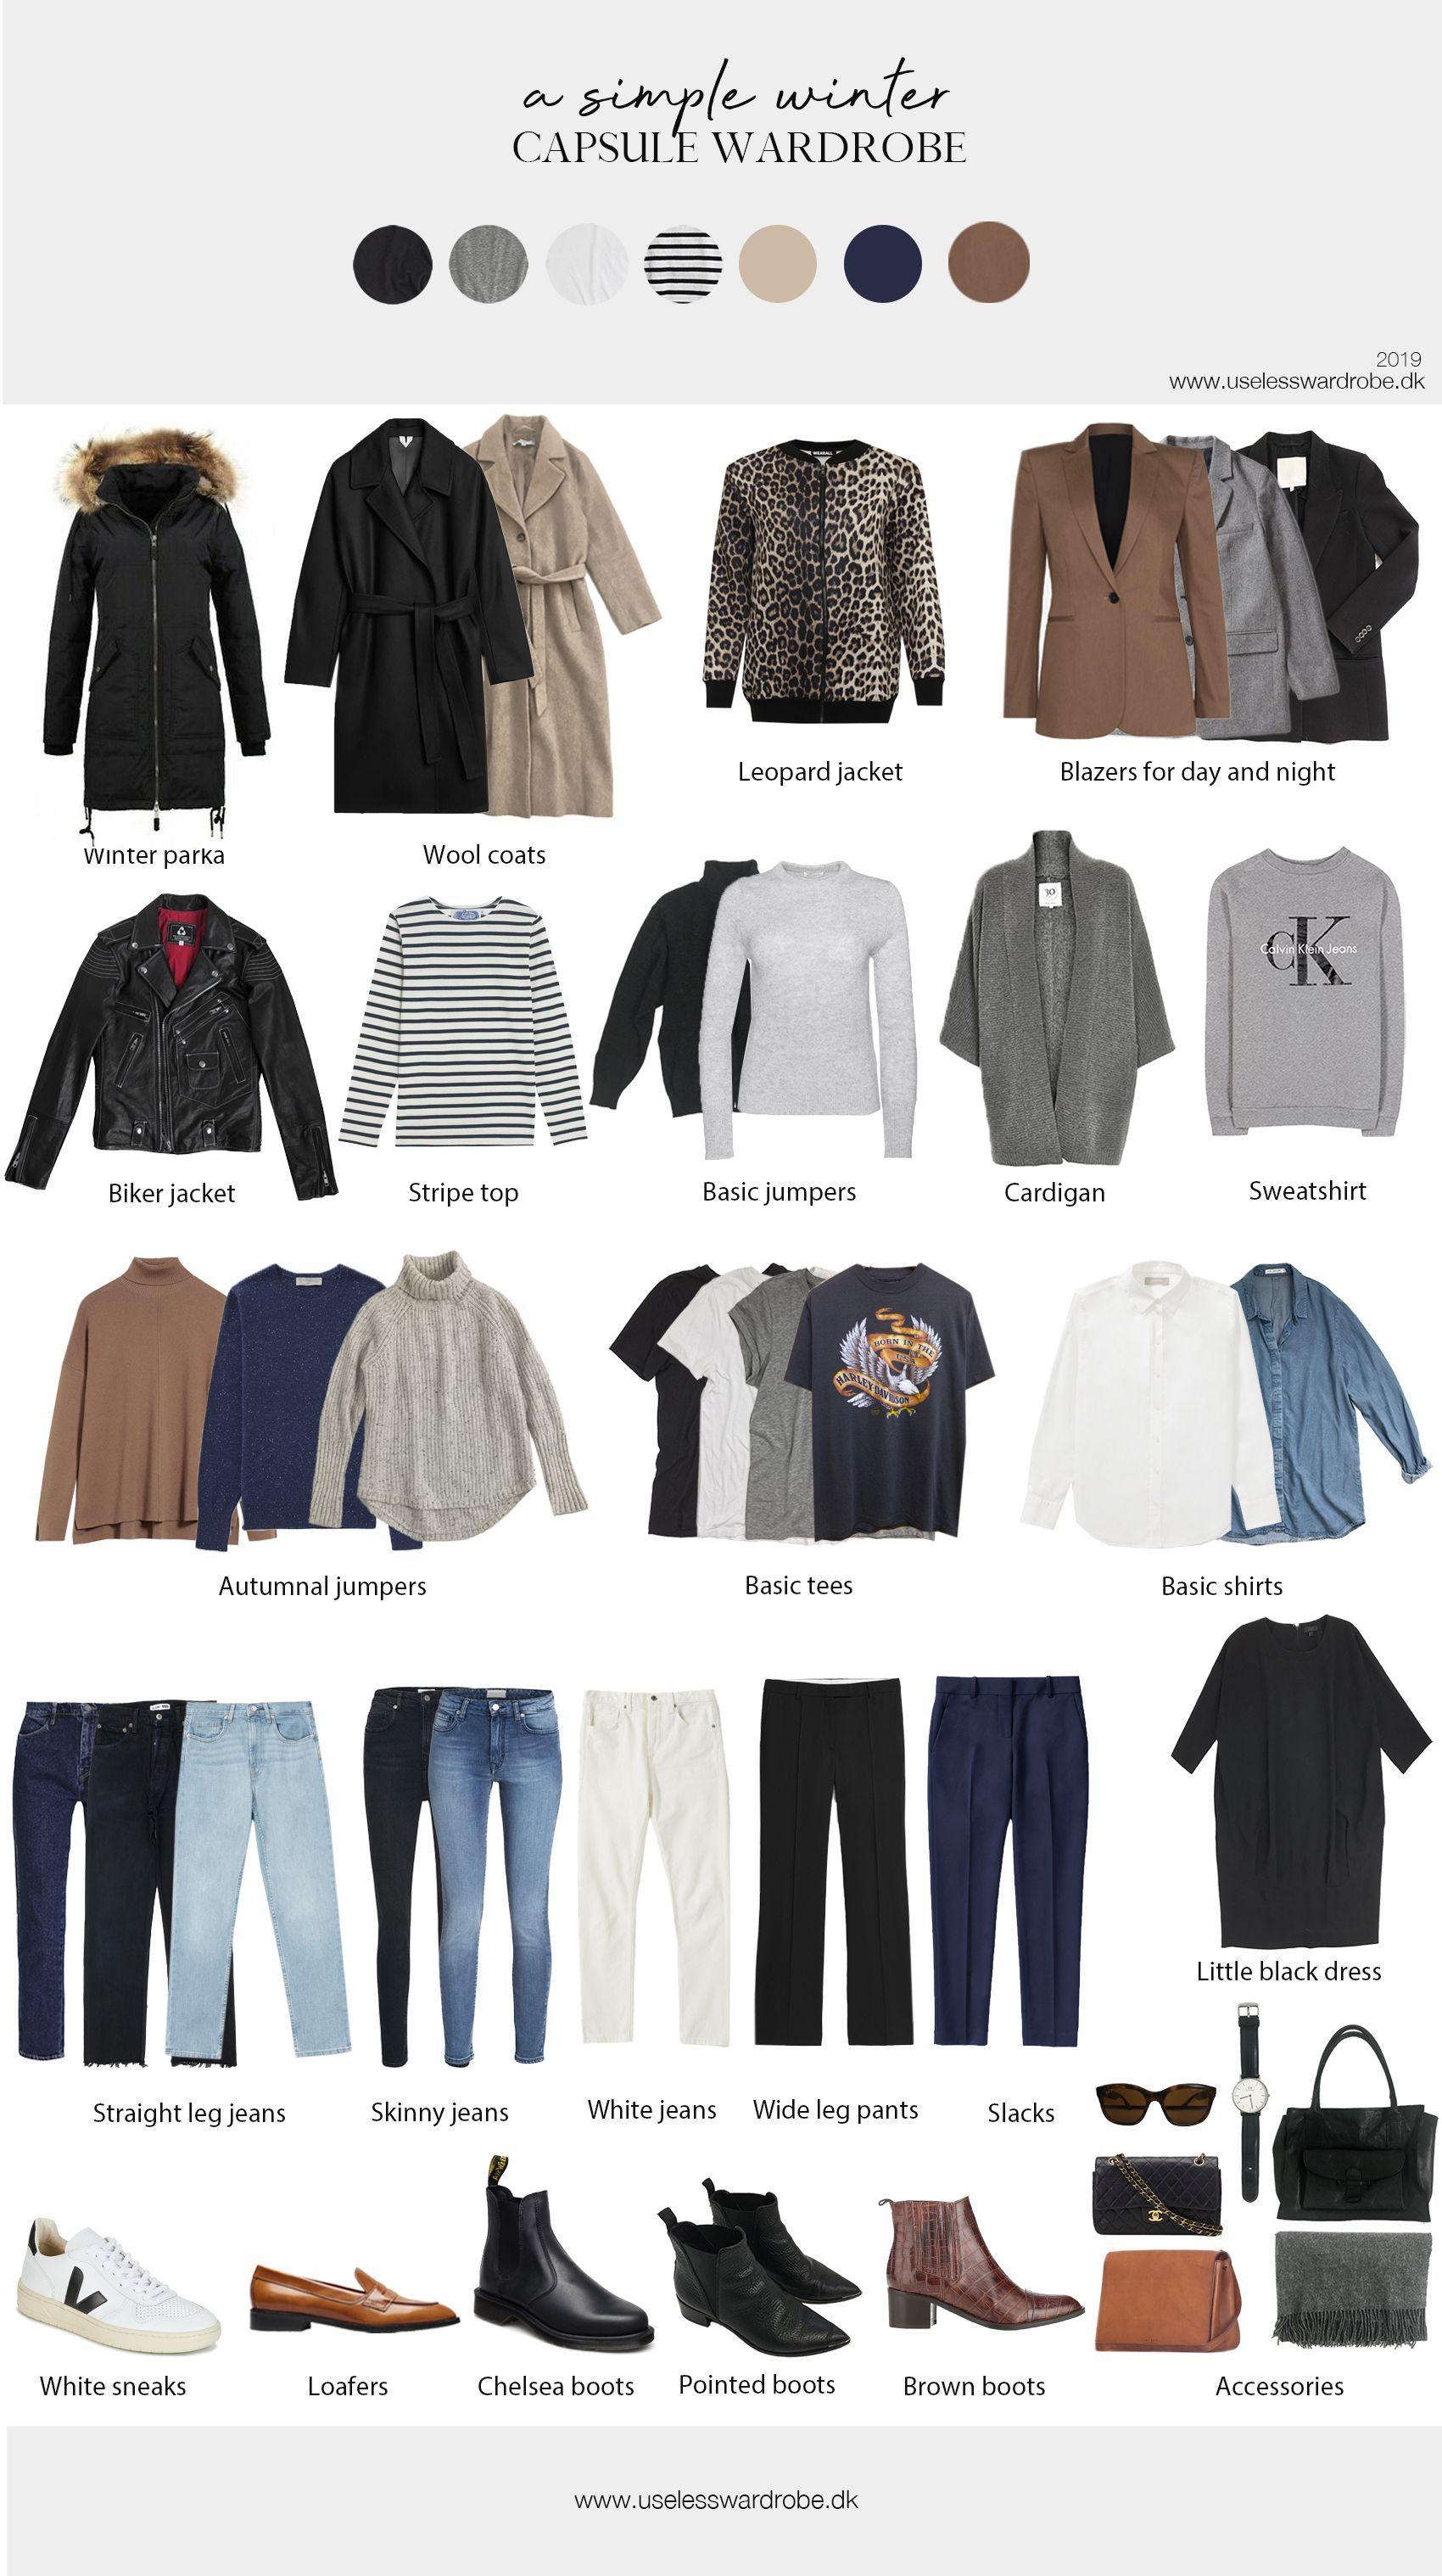 36 piece winter capsule wardrobe